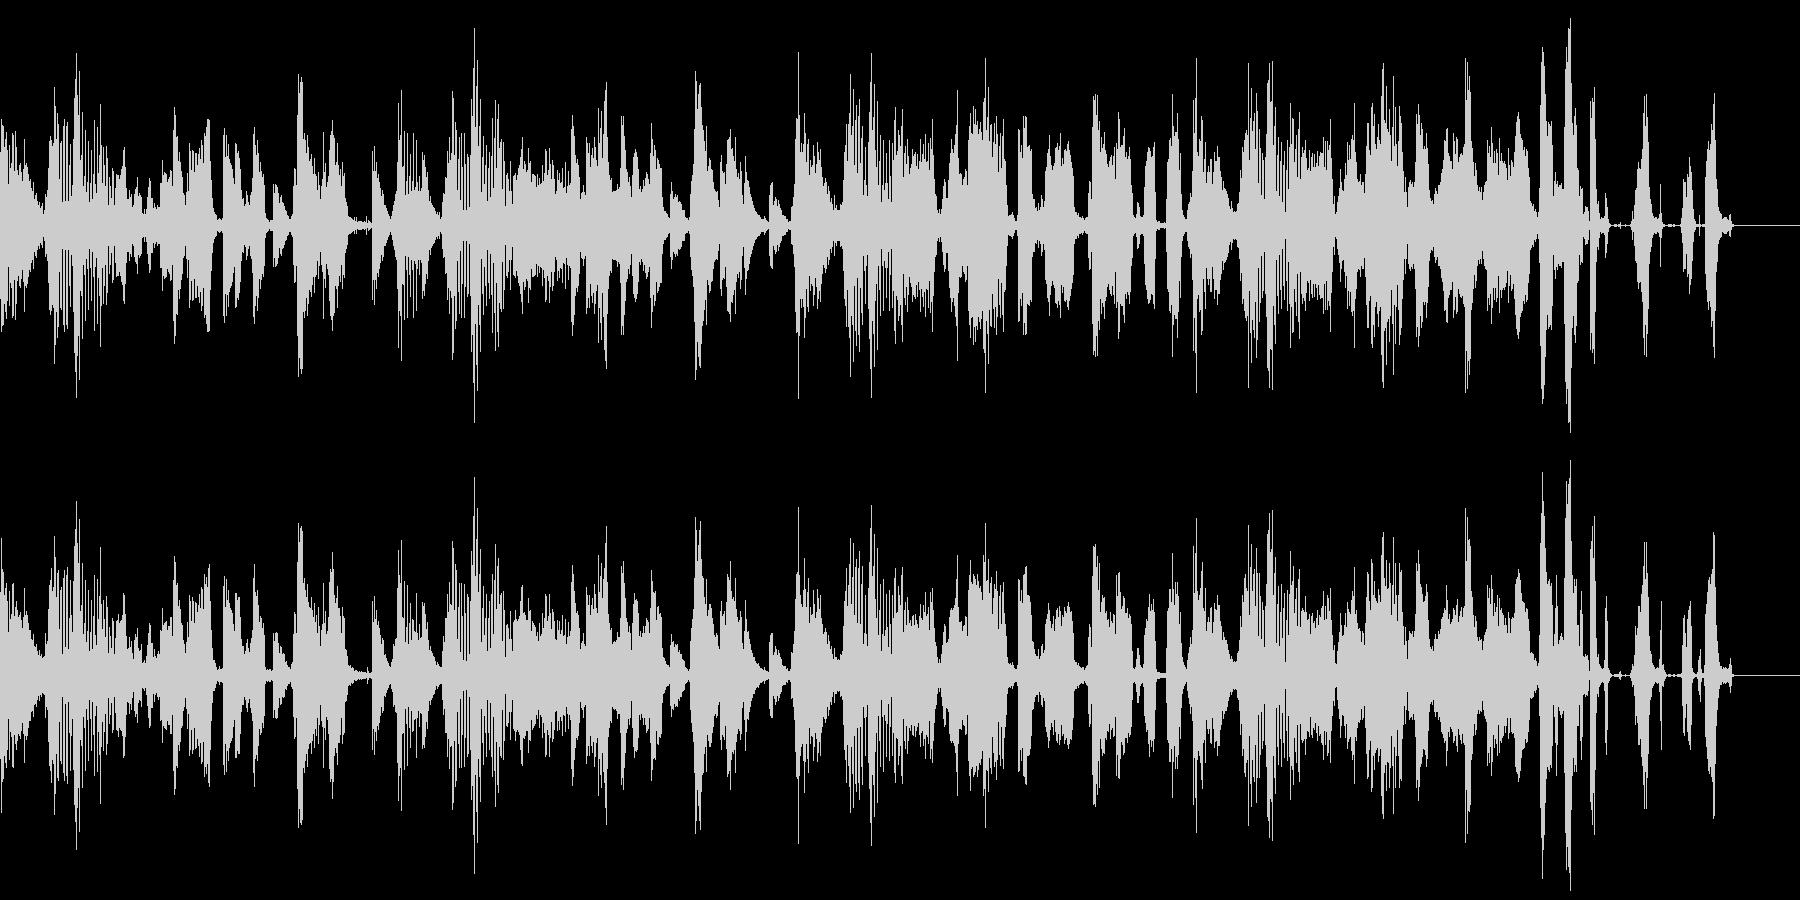 ヒップホップテイストのBGMの未再生の波形